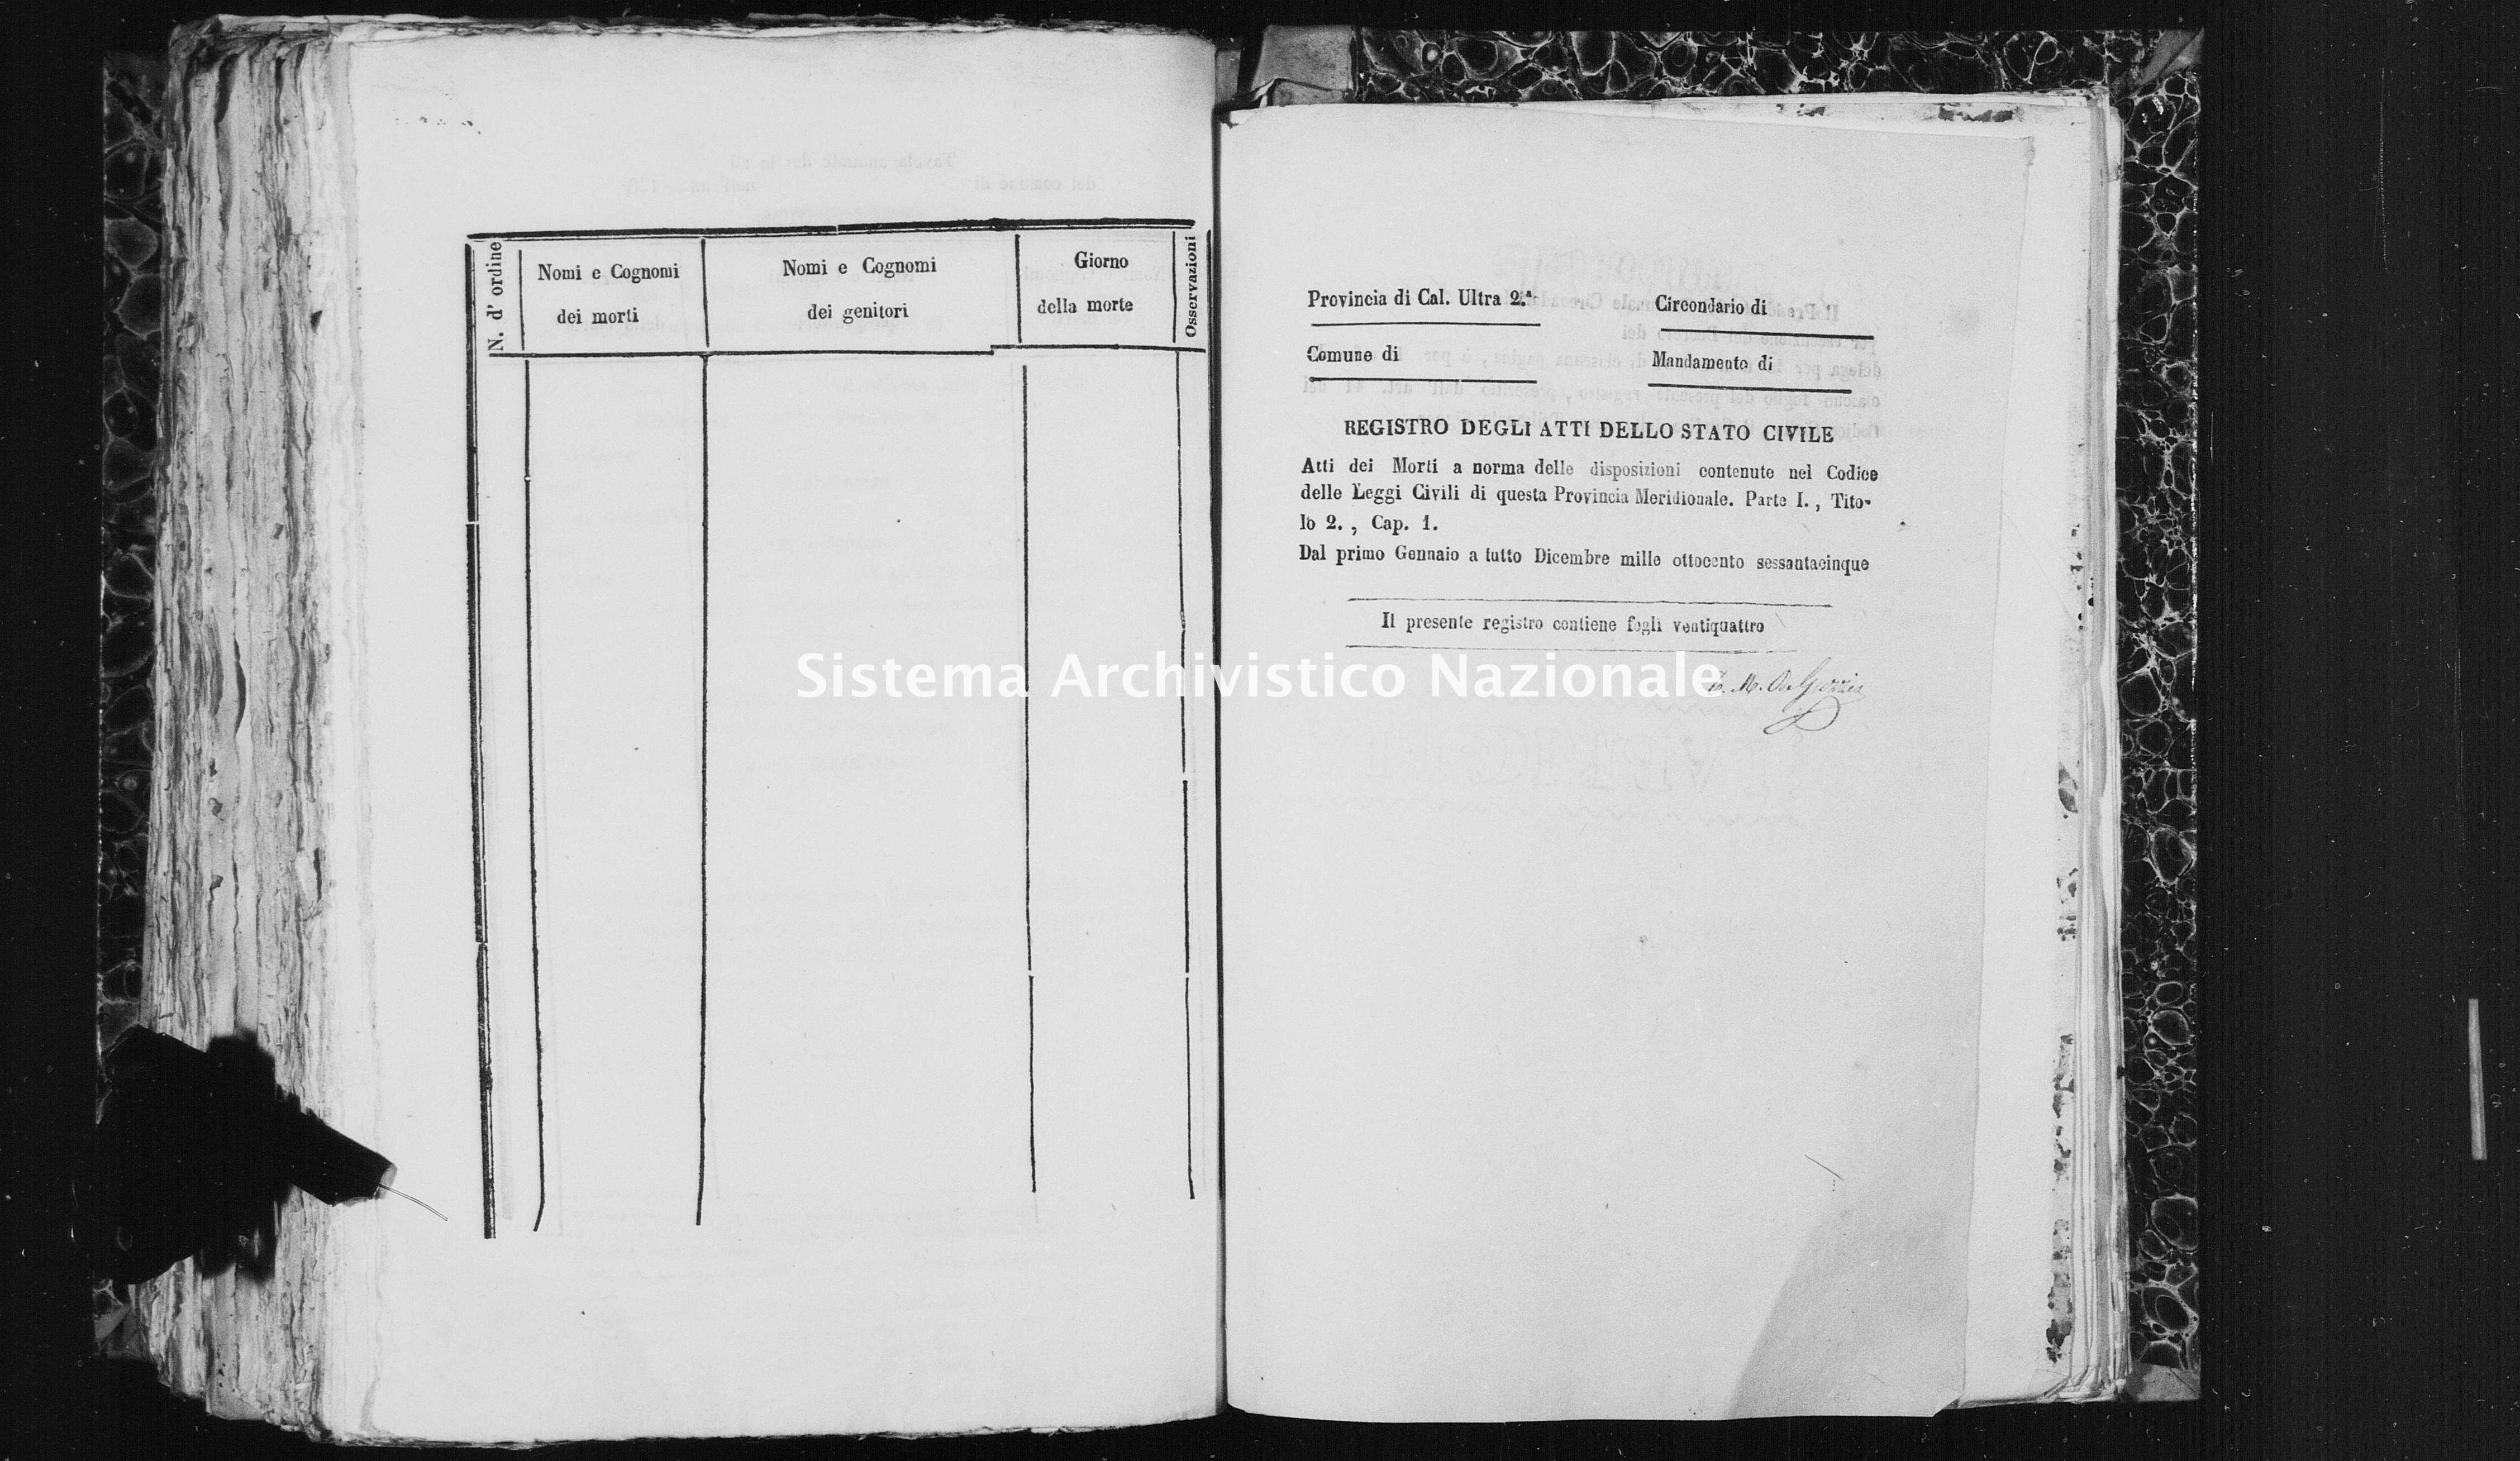 Archivio di stato di Catanzaro - Stato civile italiano - Isola Capo Rizzuto - Morti - 1865 - 1460 -